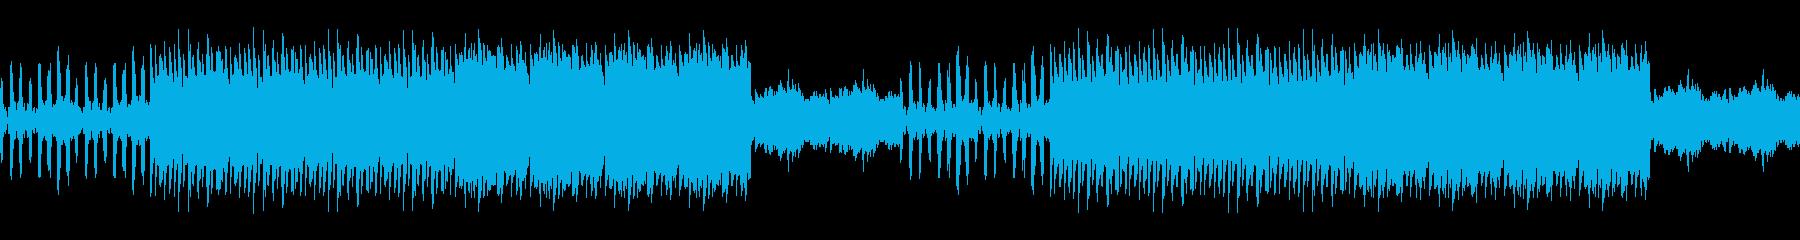 【テーマパーク/キラキラポップス】の再生済みの波形